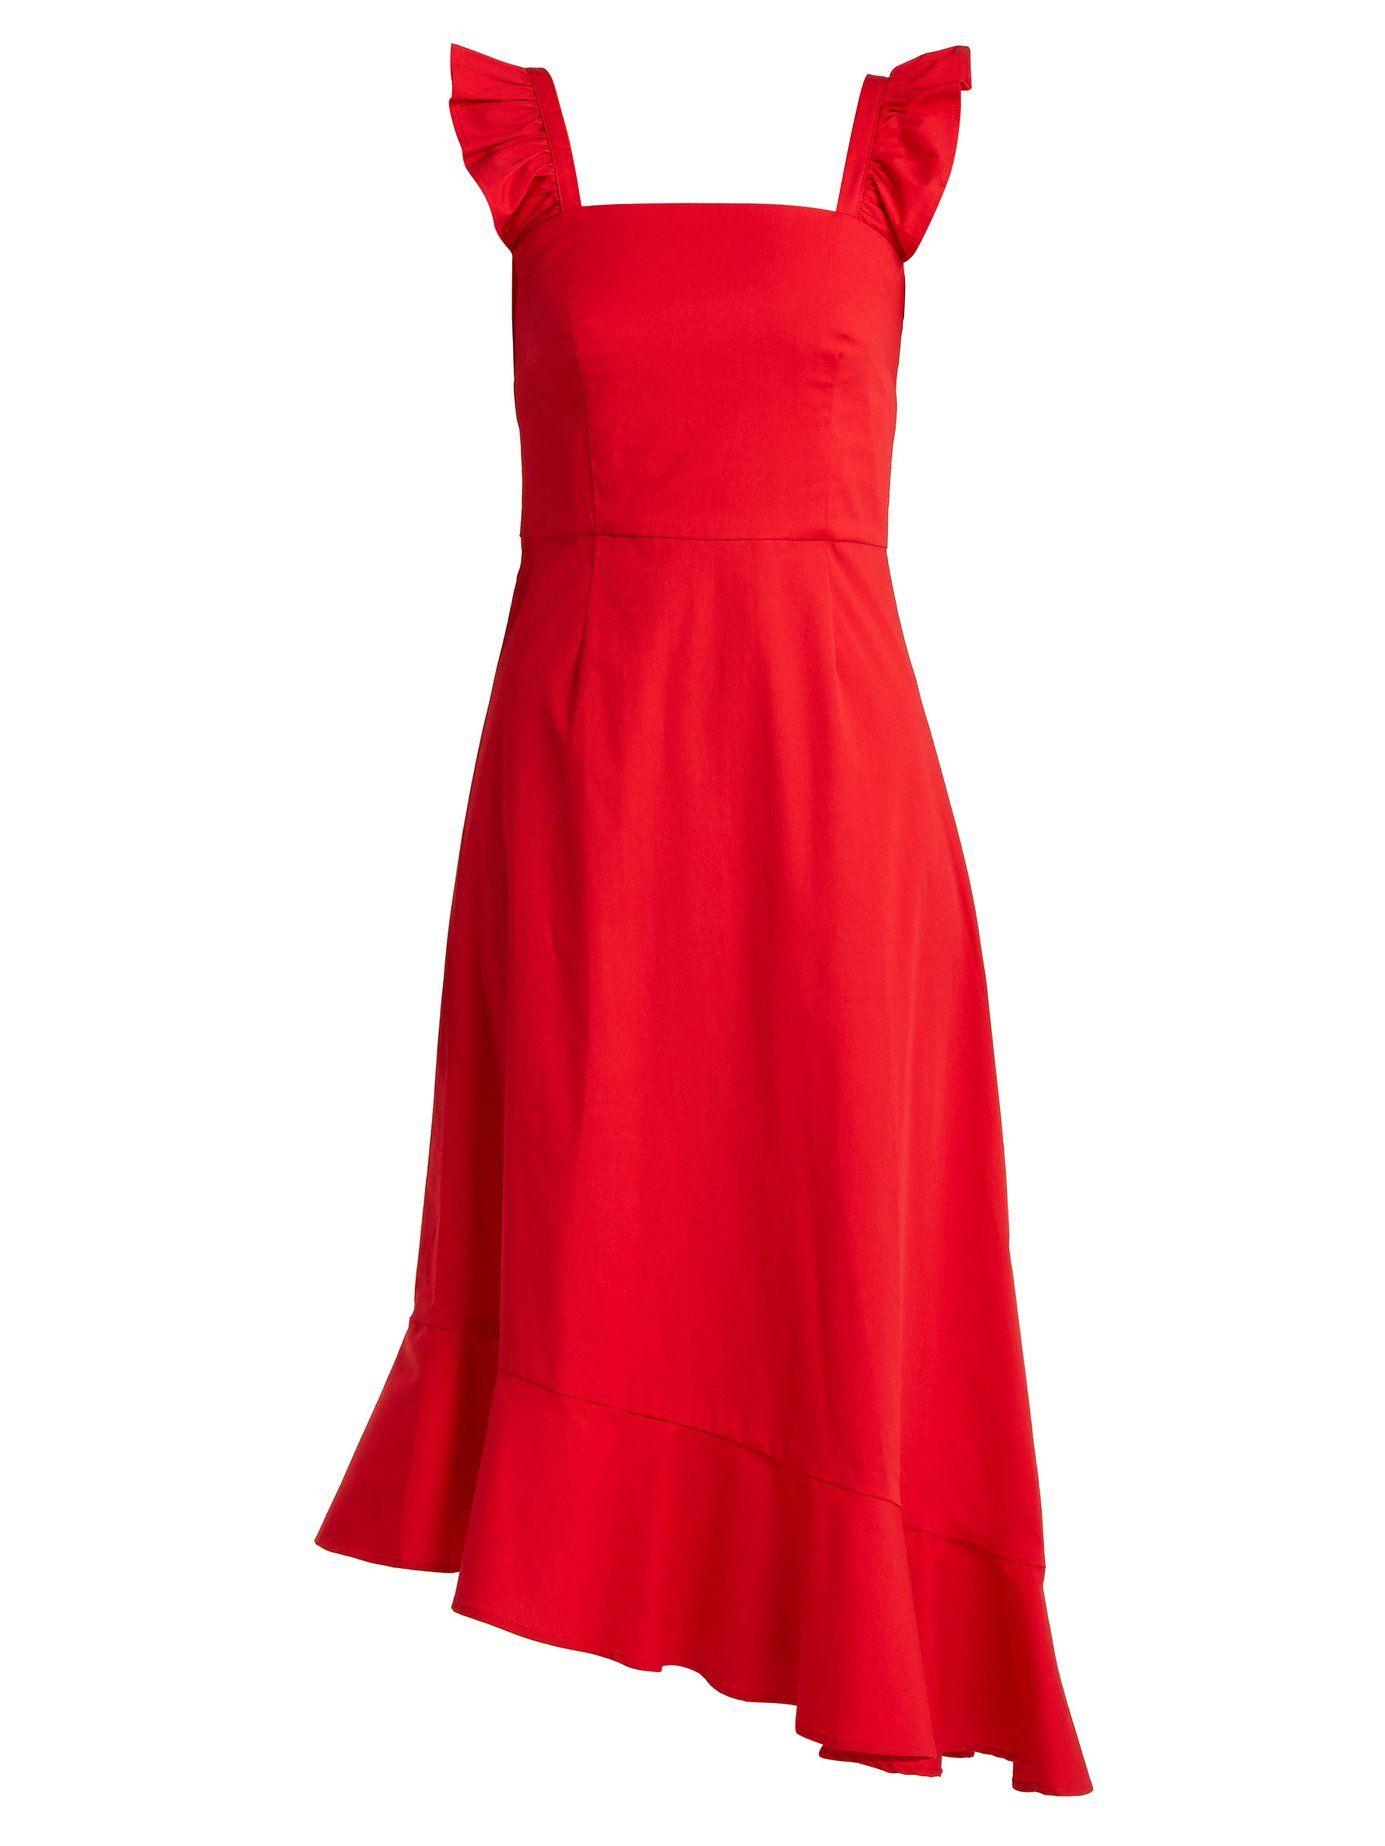 Nosotros de Vestido Matchesfashion com de asimétrico algodón popelina ValentinaStaud 8q1awtq